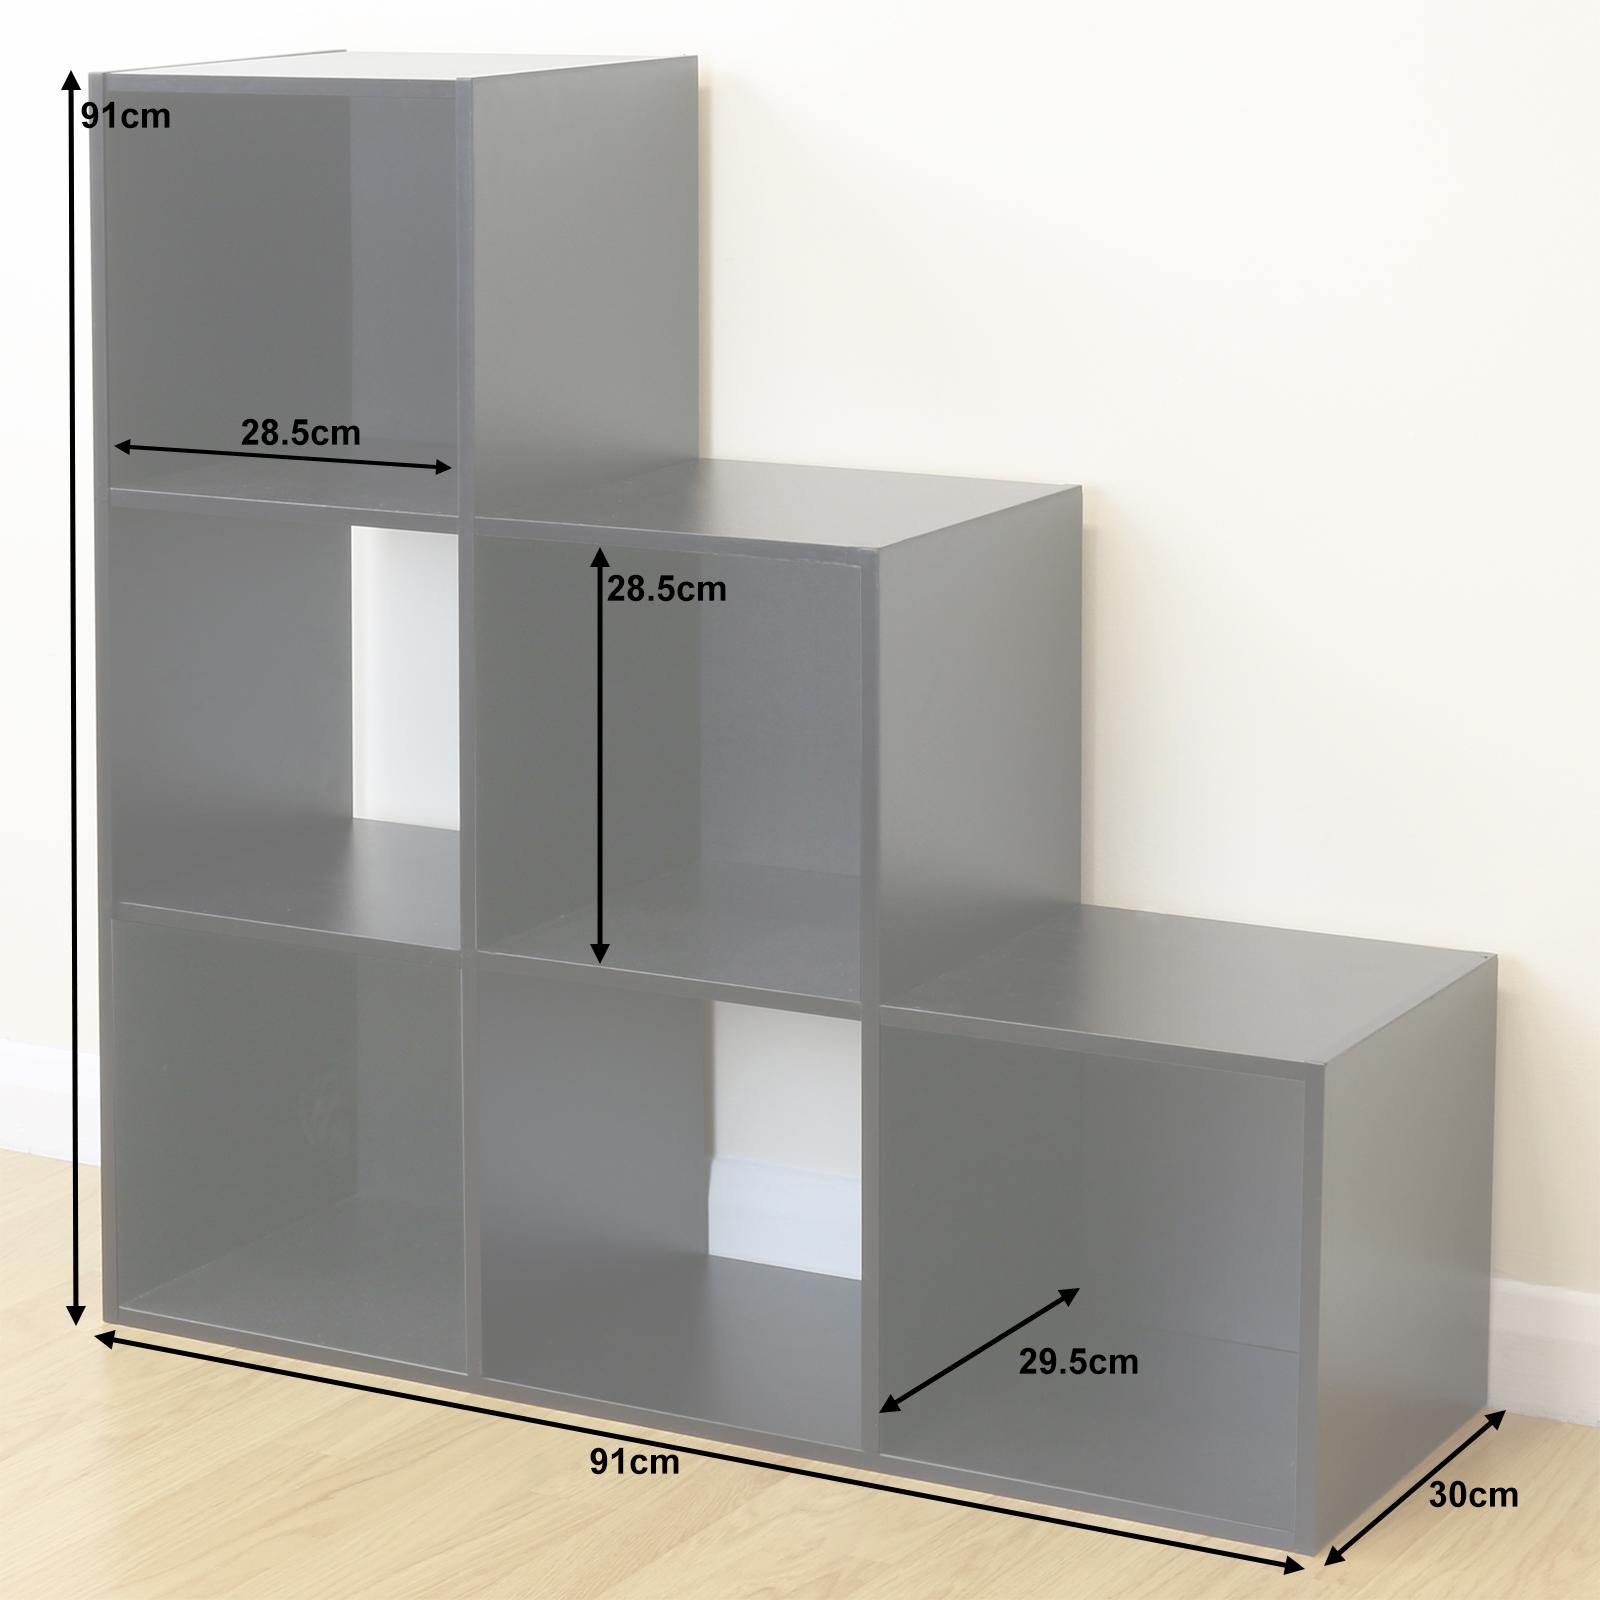 Sentinel Black 6 Cube Kids Toygames Storage Unit Girlsboys Bedroom Shelves  3 Pink